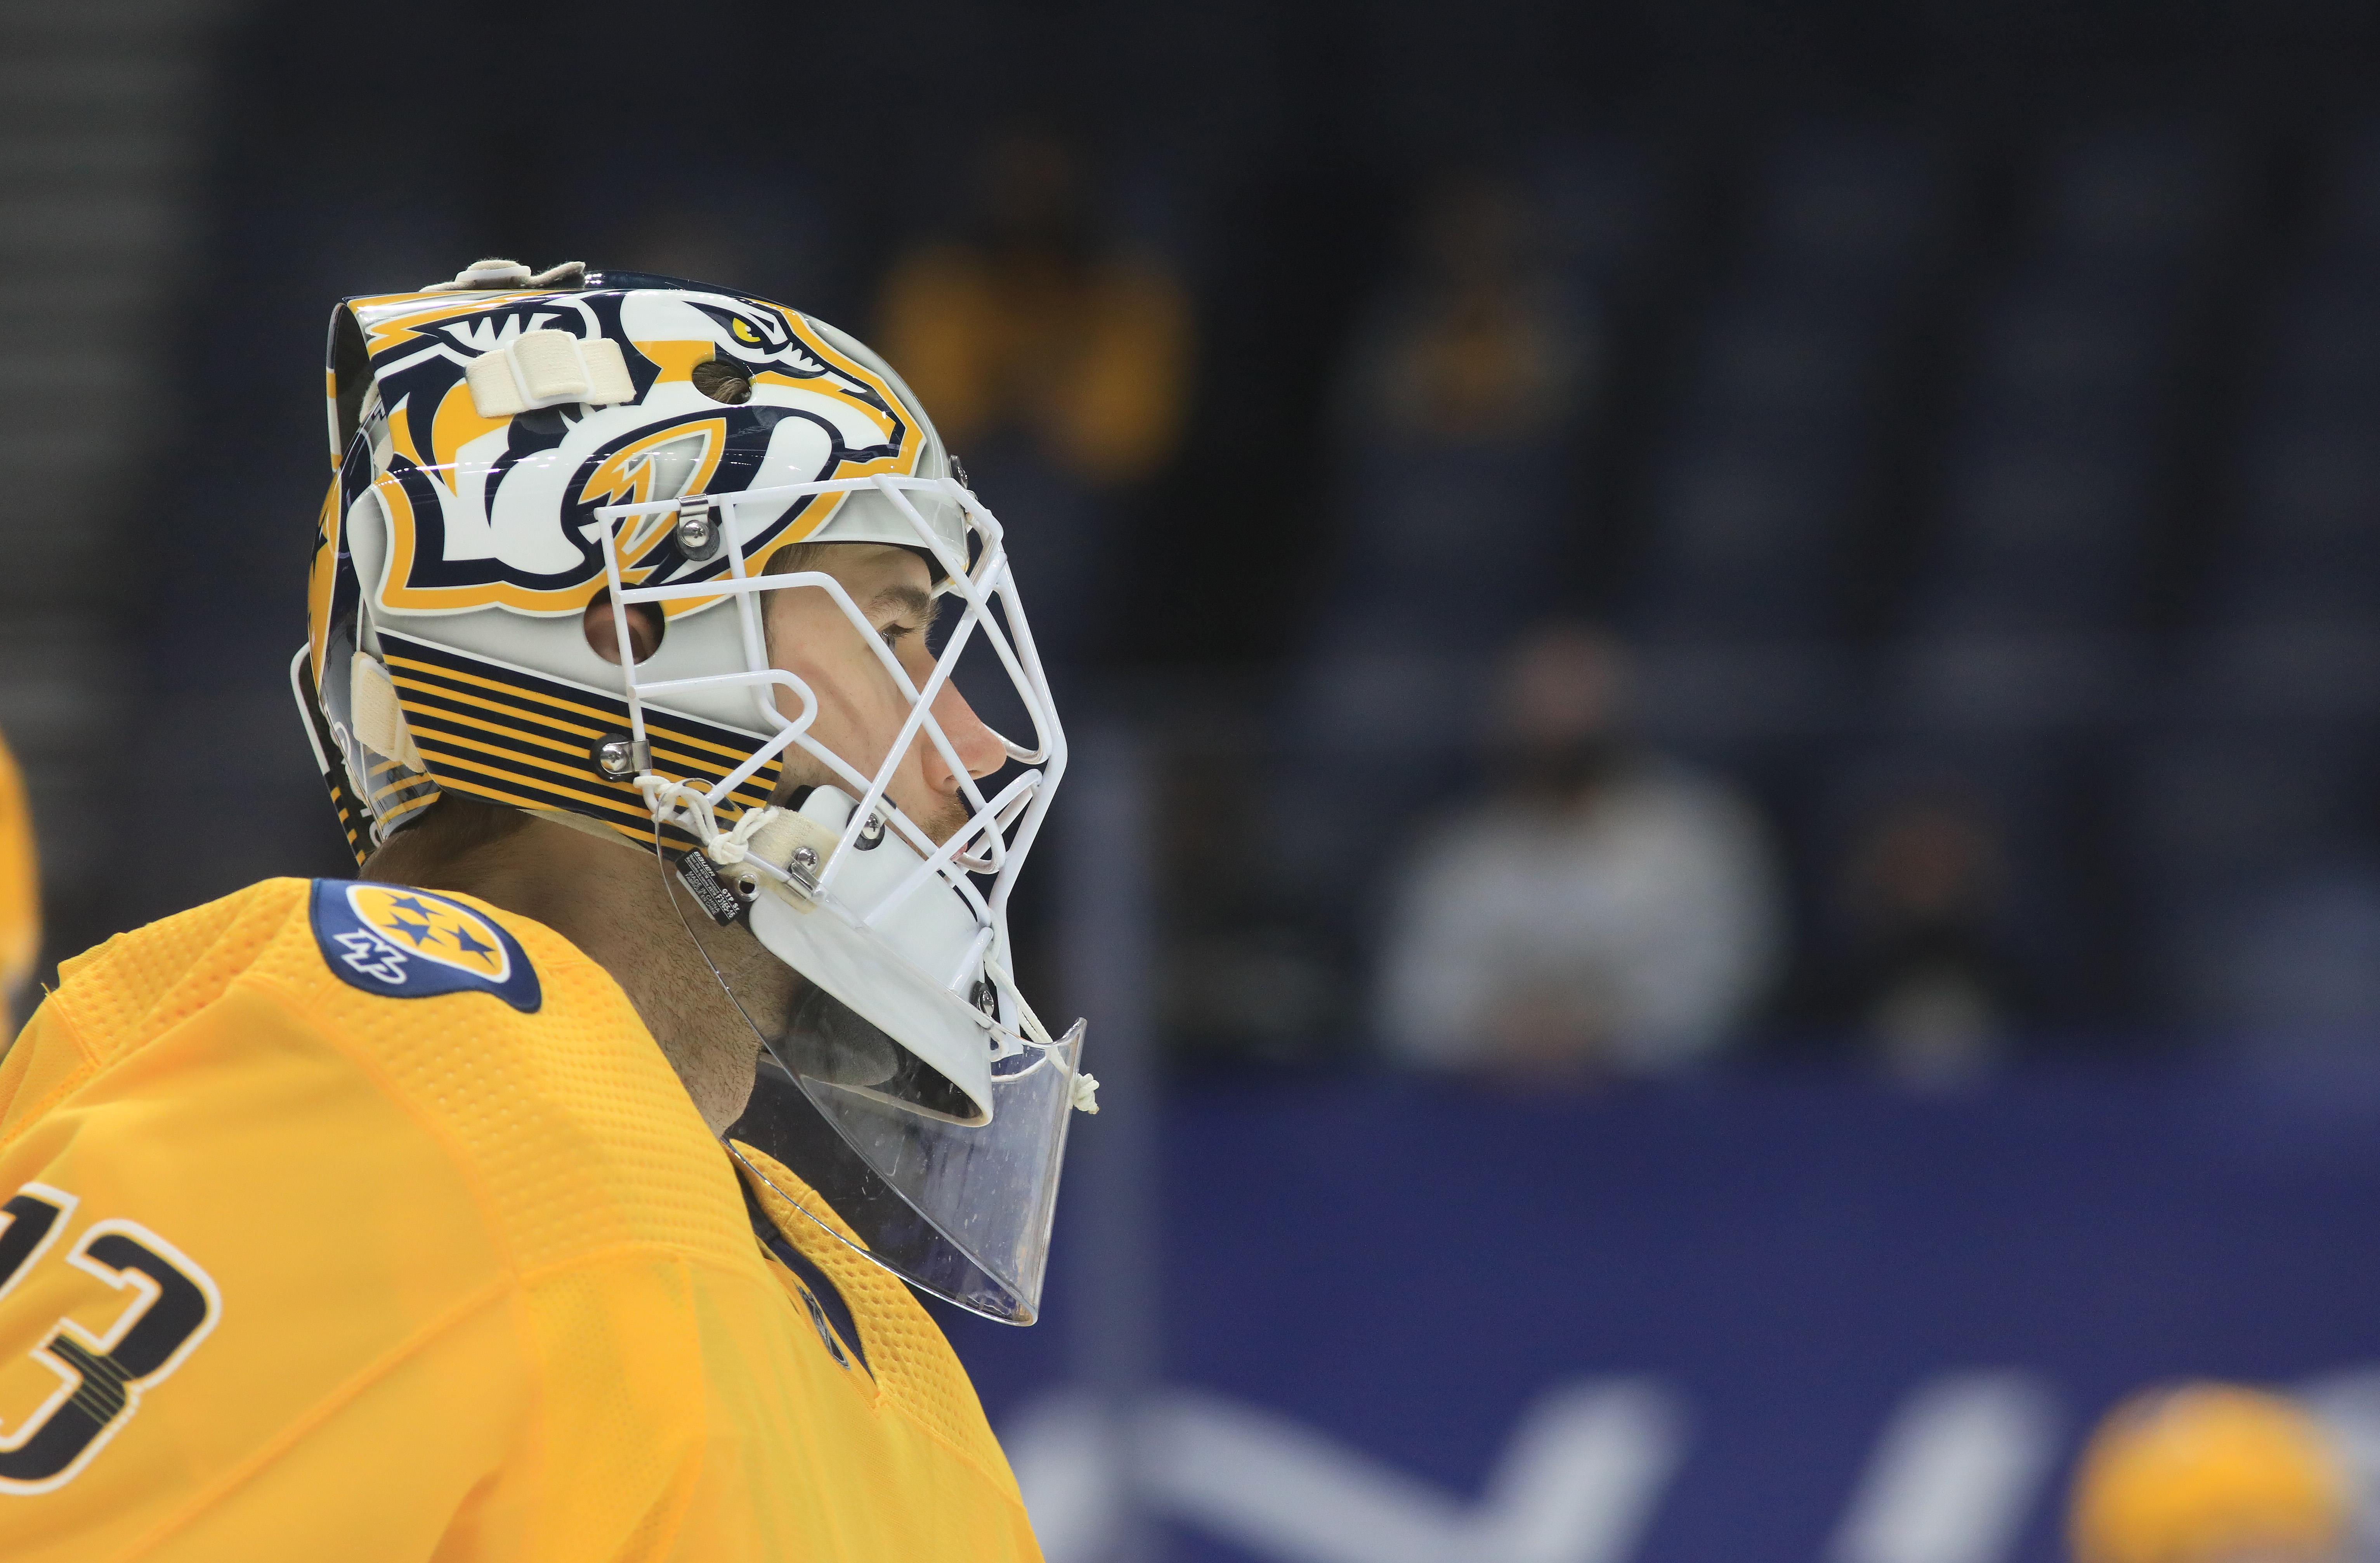 NHL: MAR 04 Panthers at Predators